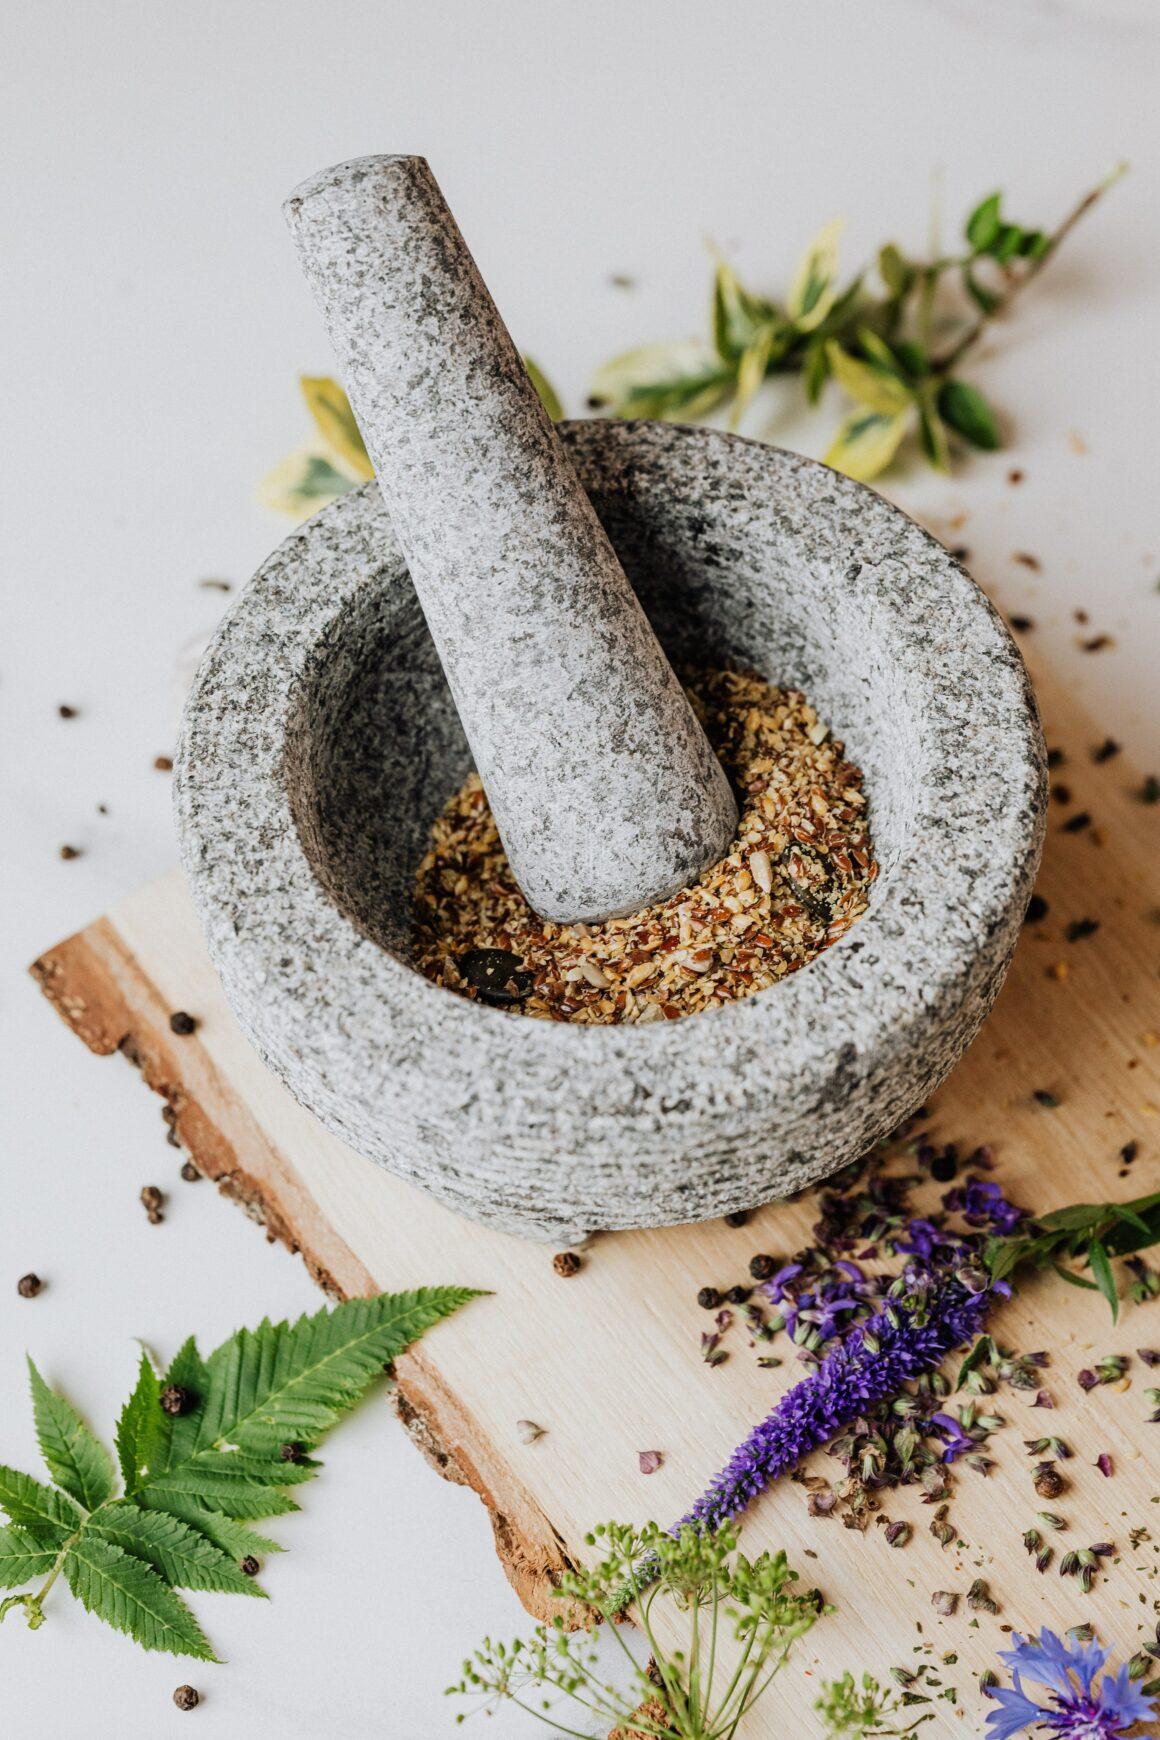 Minimalist Kitchen Essentials